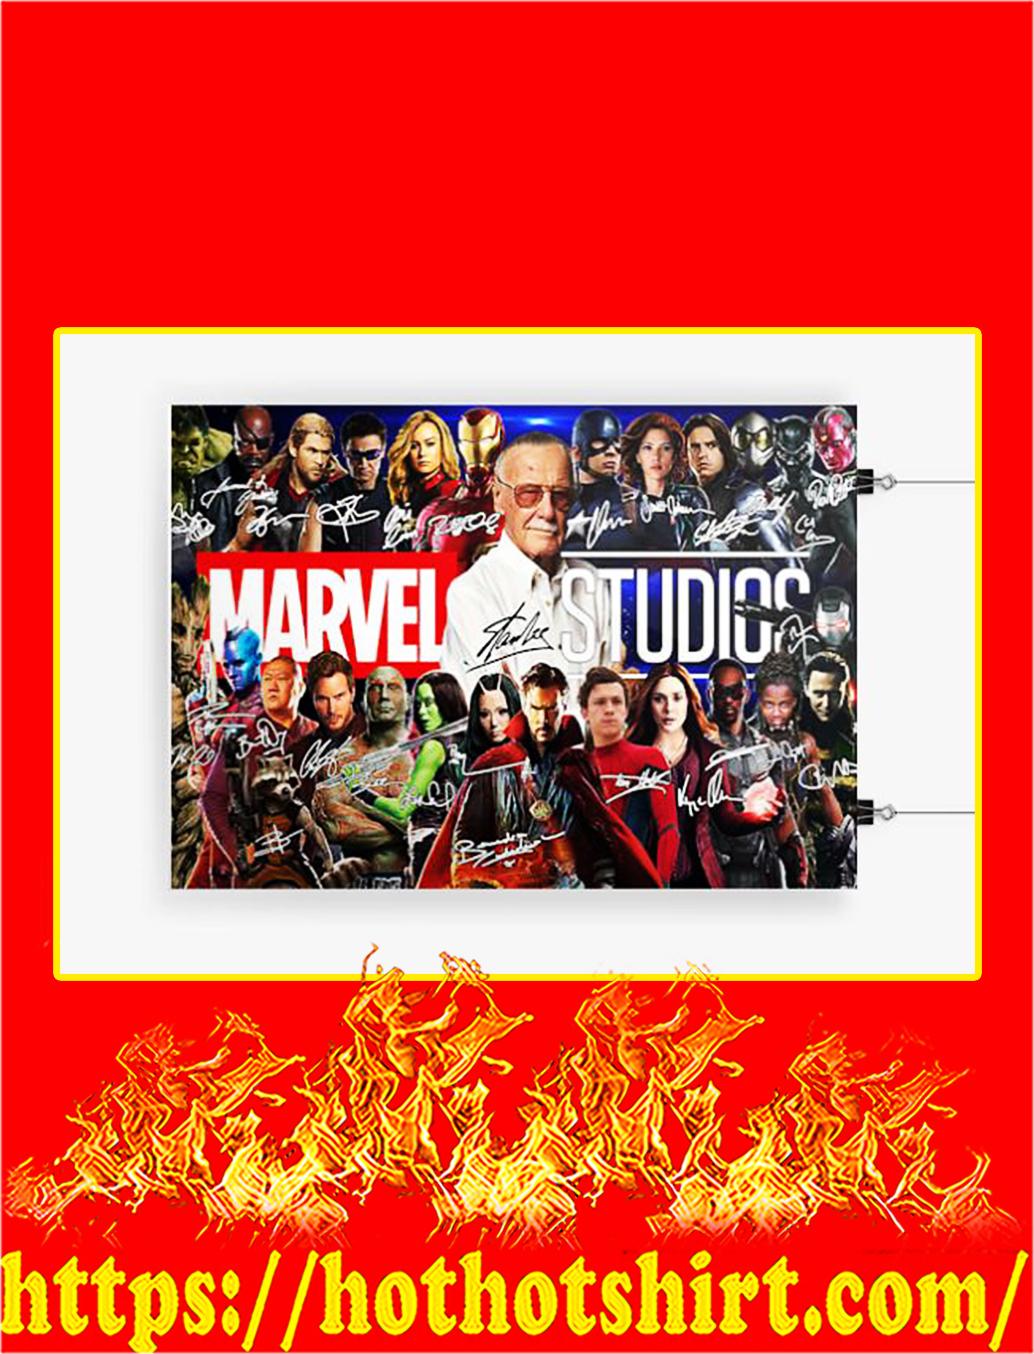 Stan lee marvel studios signature poster - A3